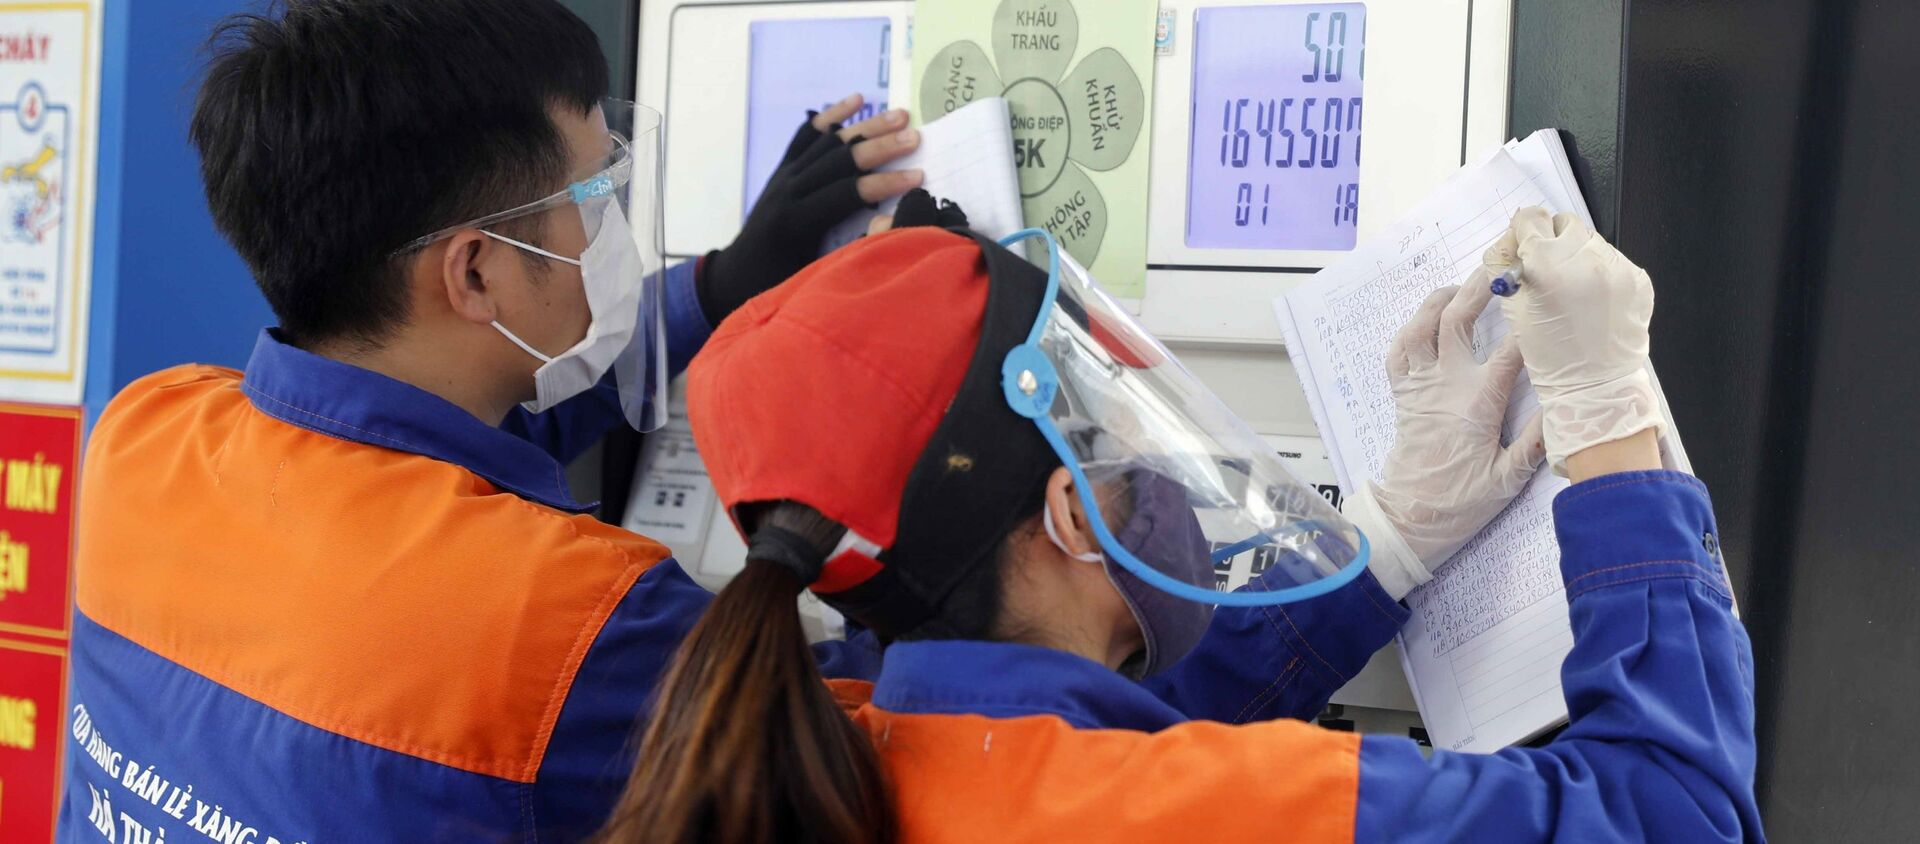 Nhân viên cửa hàng xăng dầu điều chỉnh giá bán - Sputnik Việt Nam, 1920, 27.07.2021